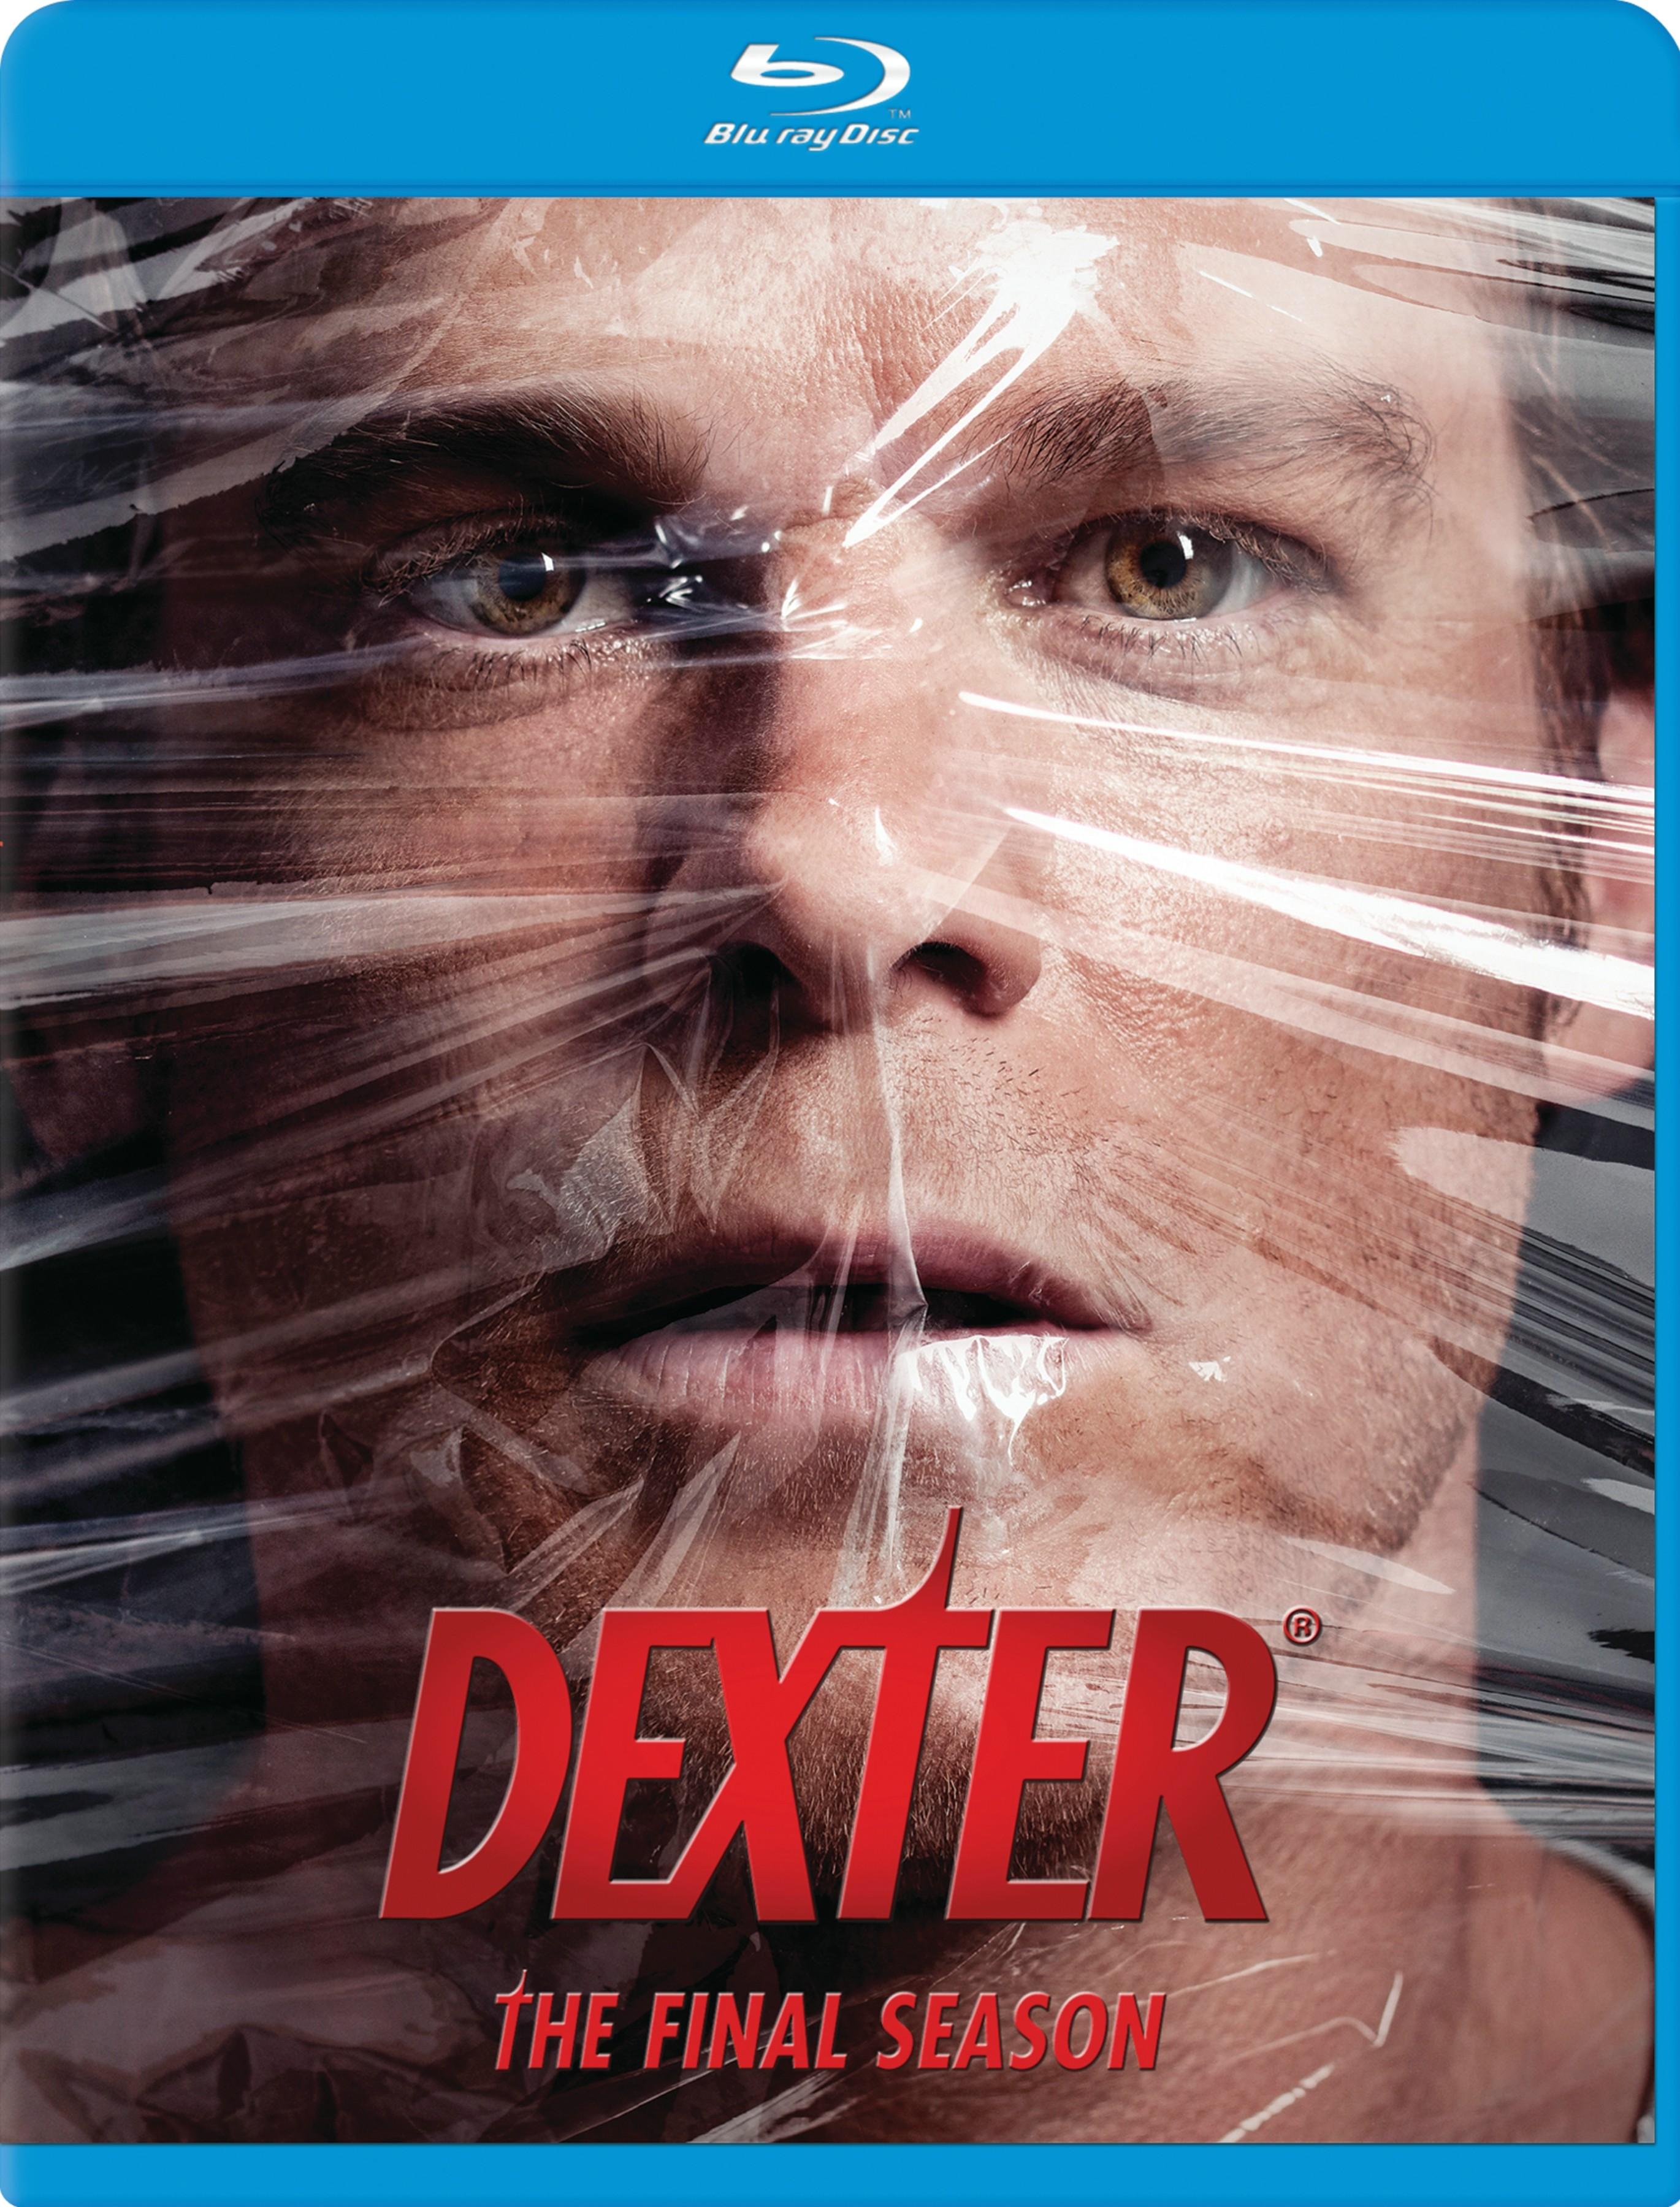 DexterFS